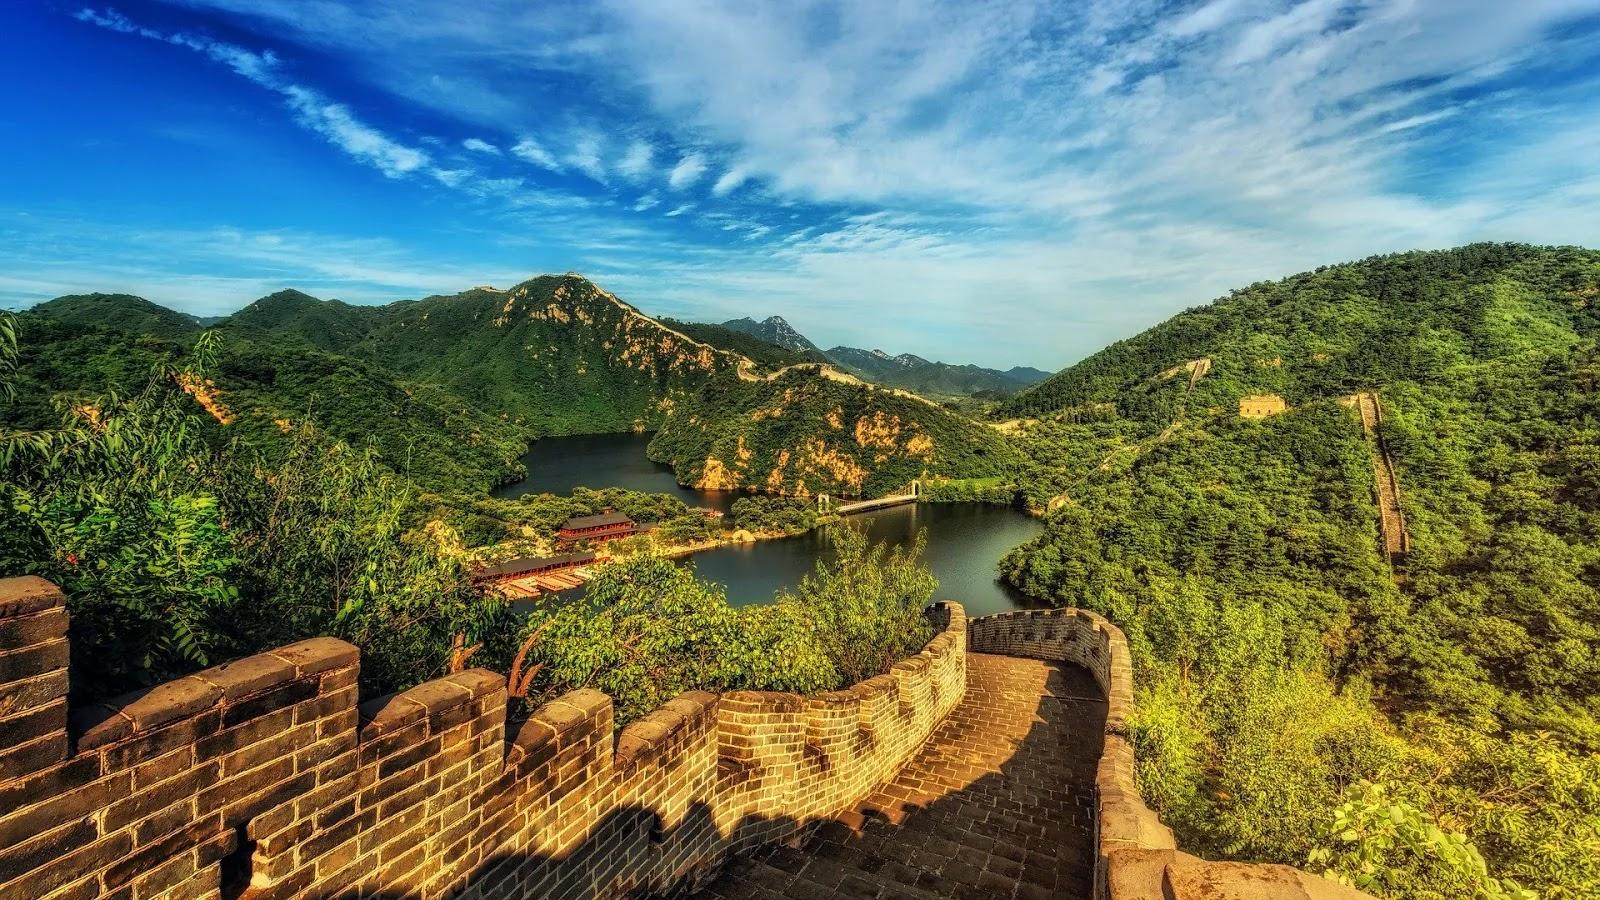 أجمل خلفية لصور الصين العظيم